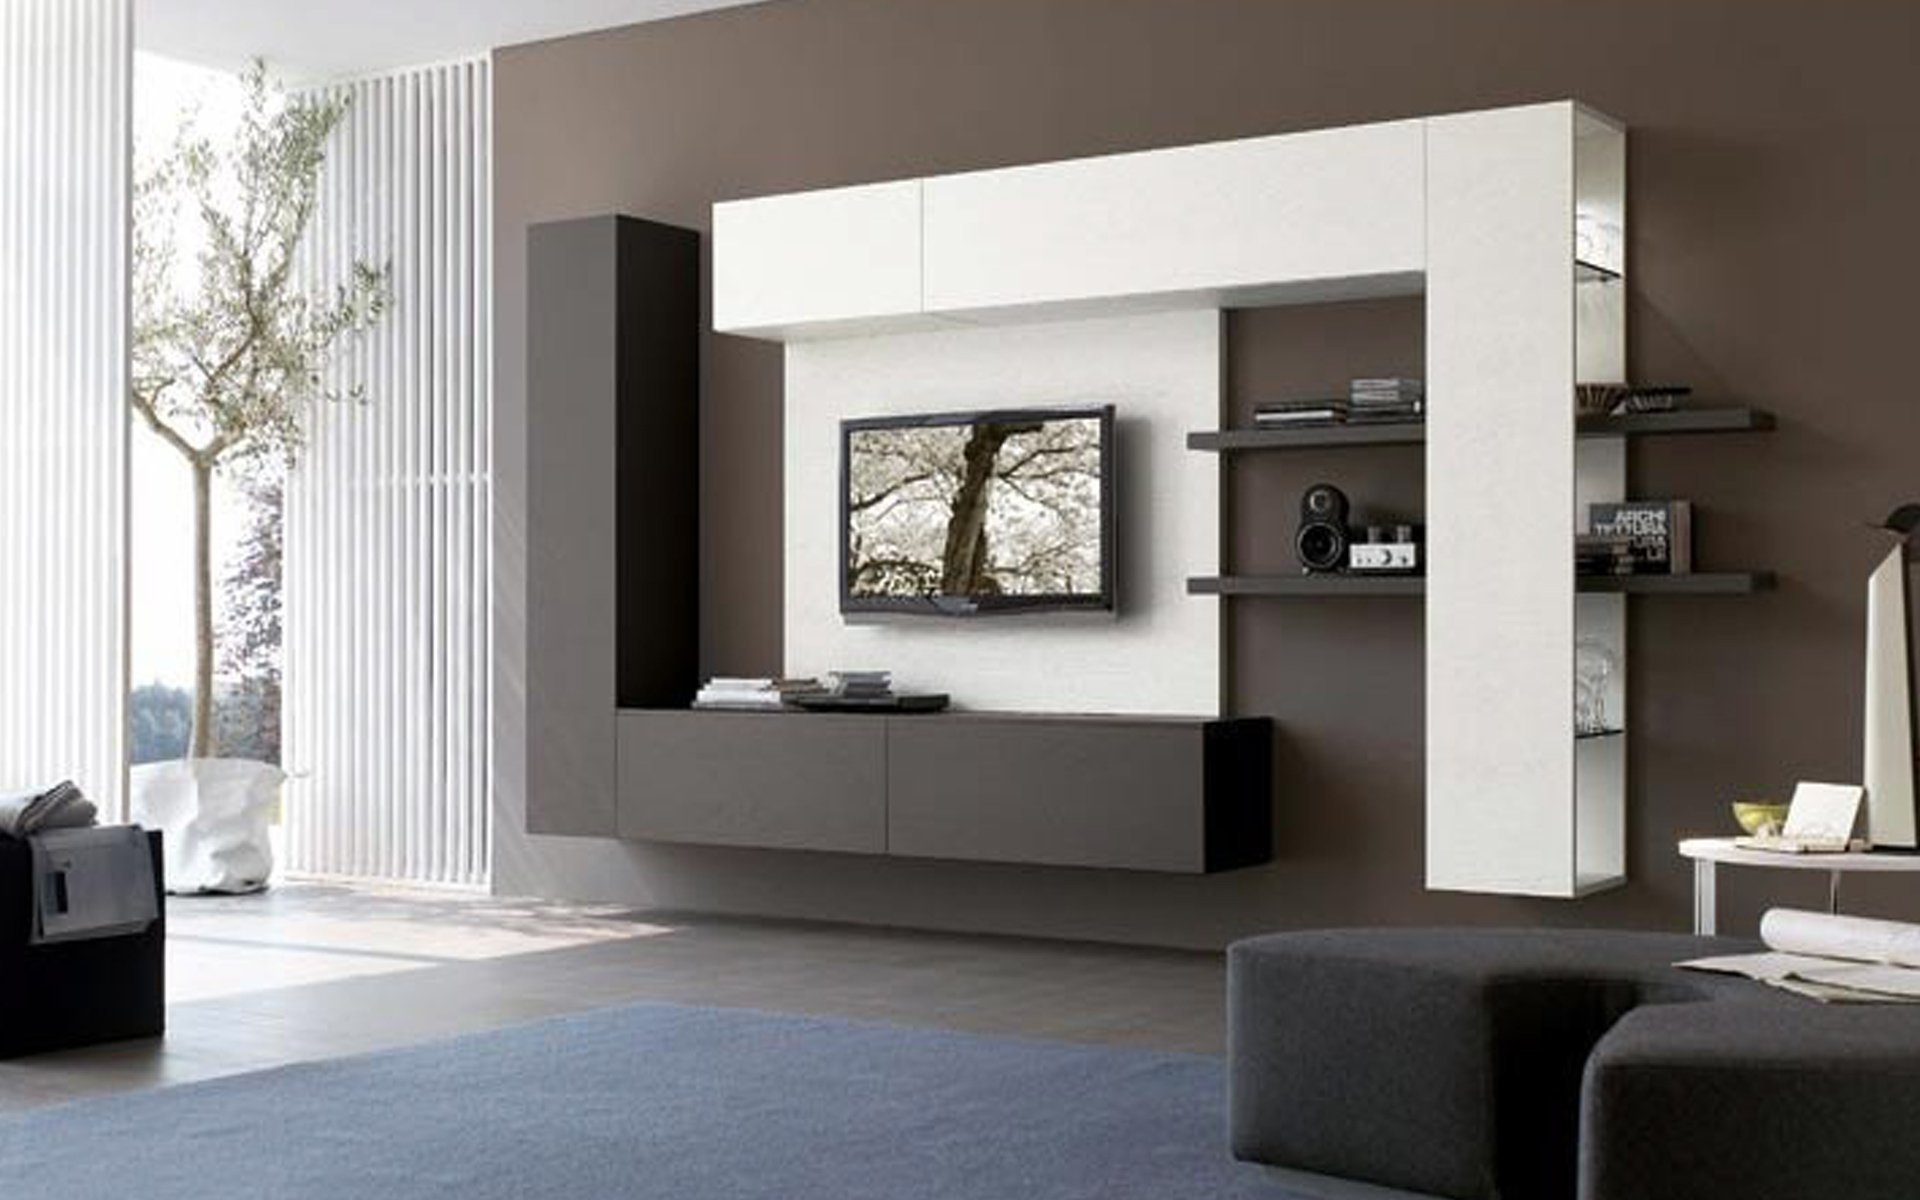 Stunning Soggiorni Moderni Offerte Ideas - Idee Arredamento Casa ...